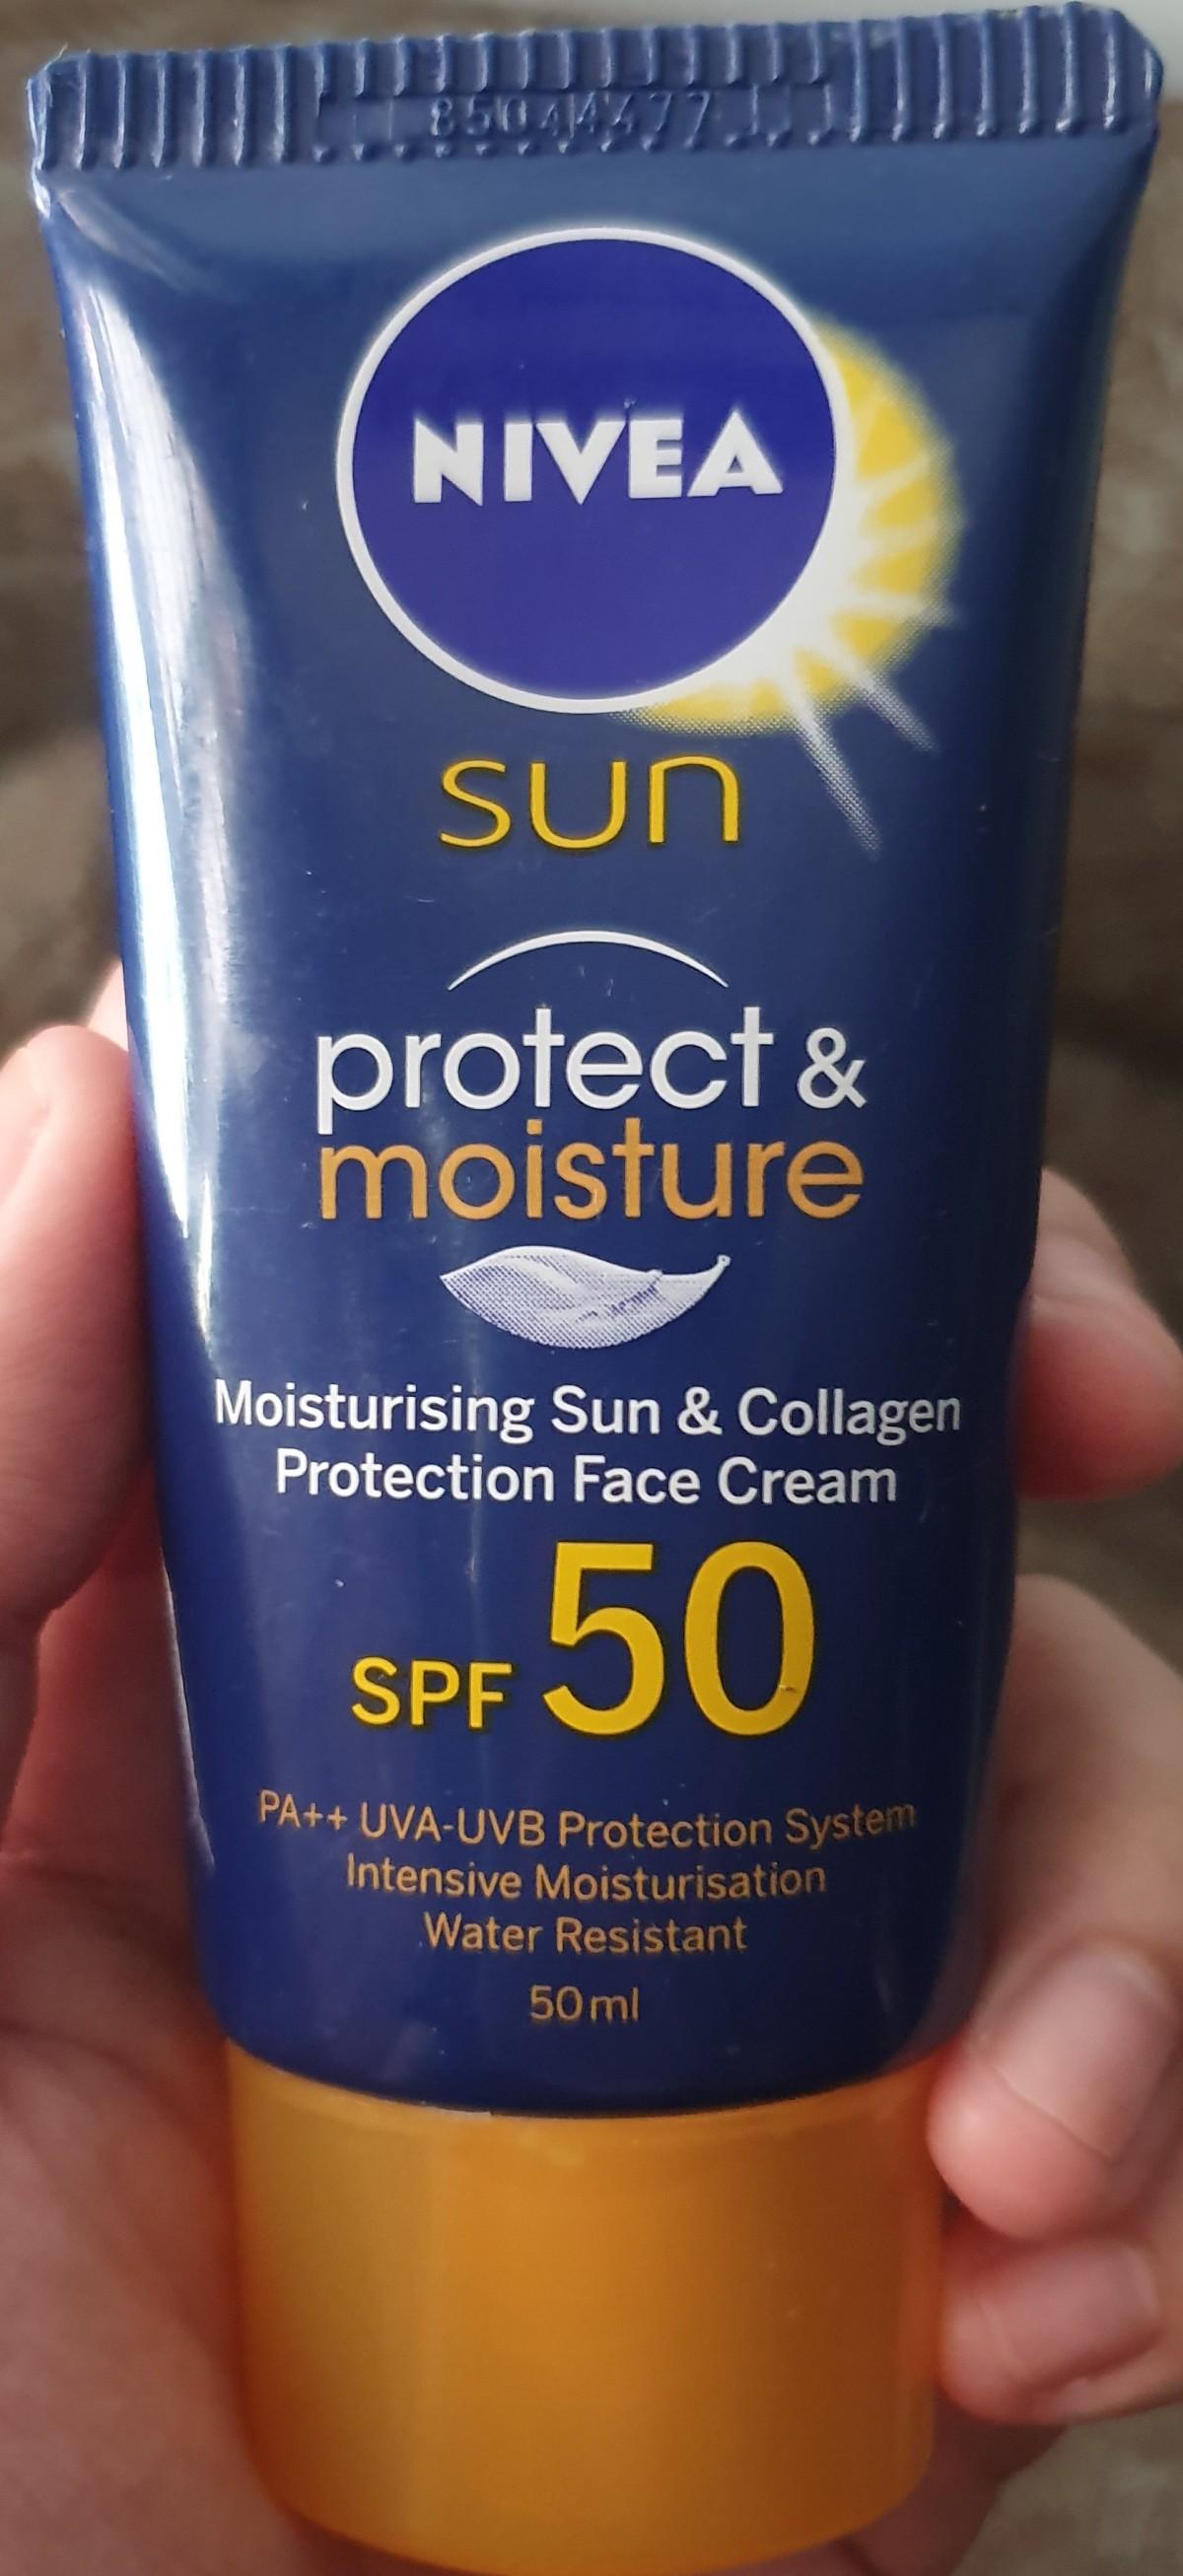 Nivea Sun Protect and Moisture Face Cream SPF 50++